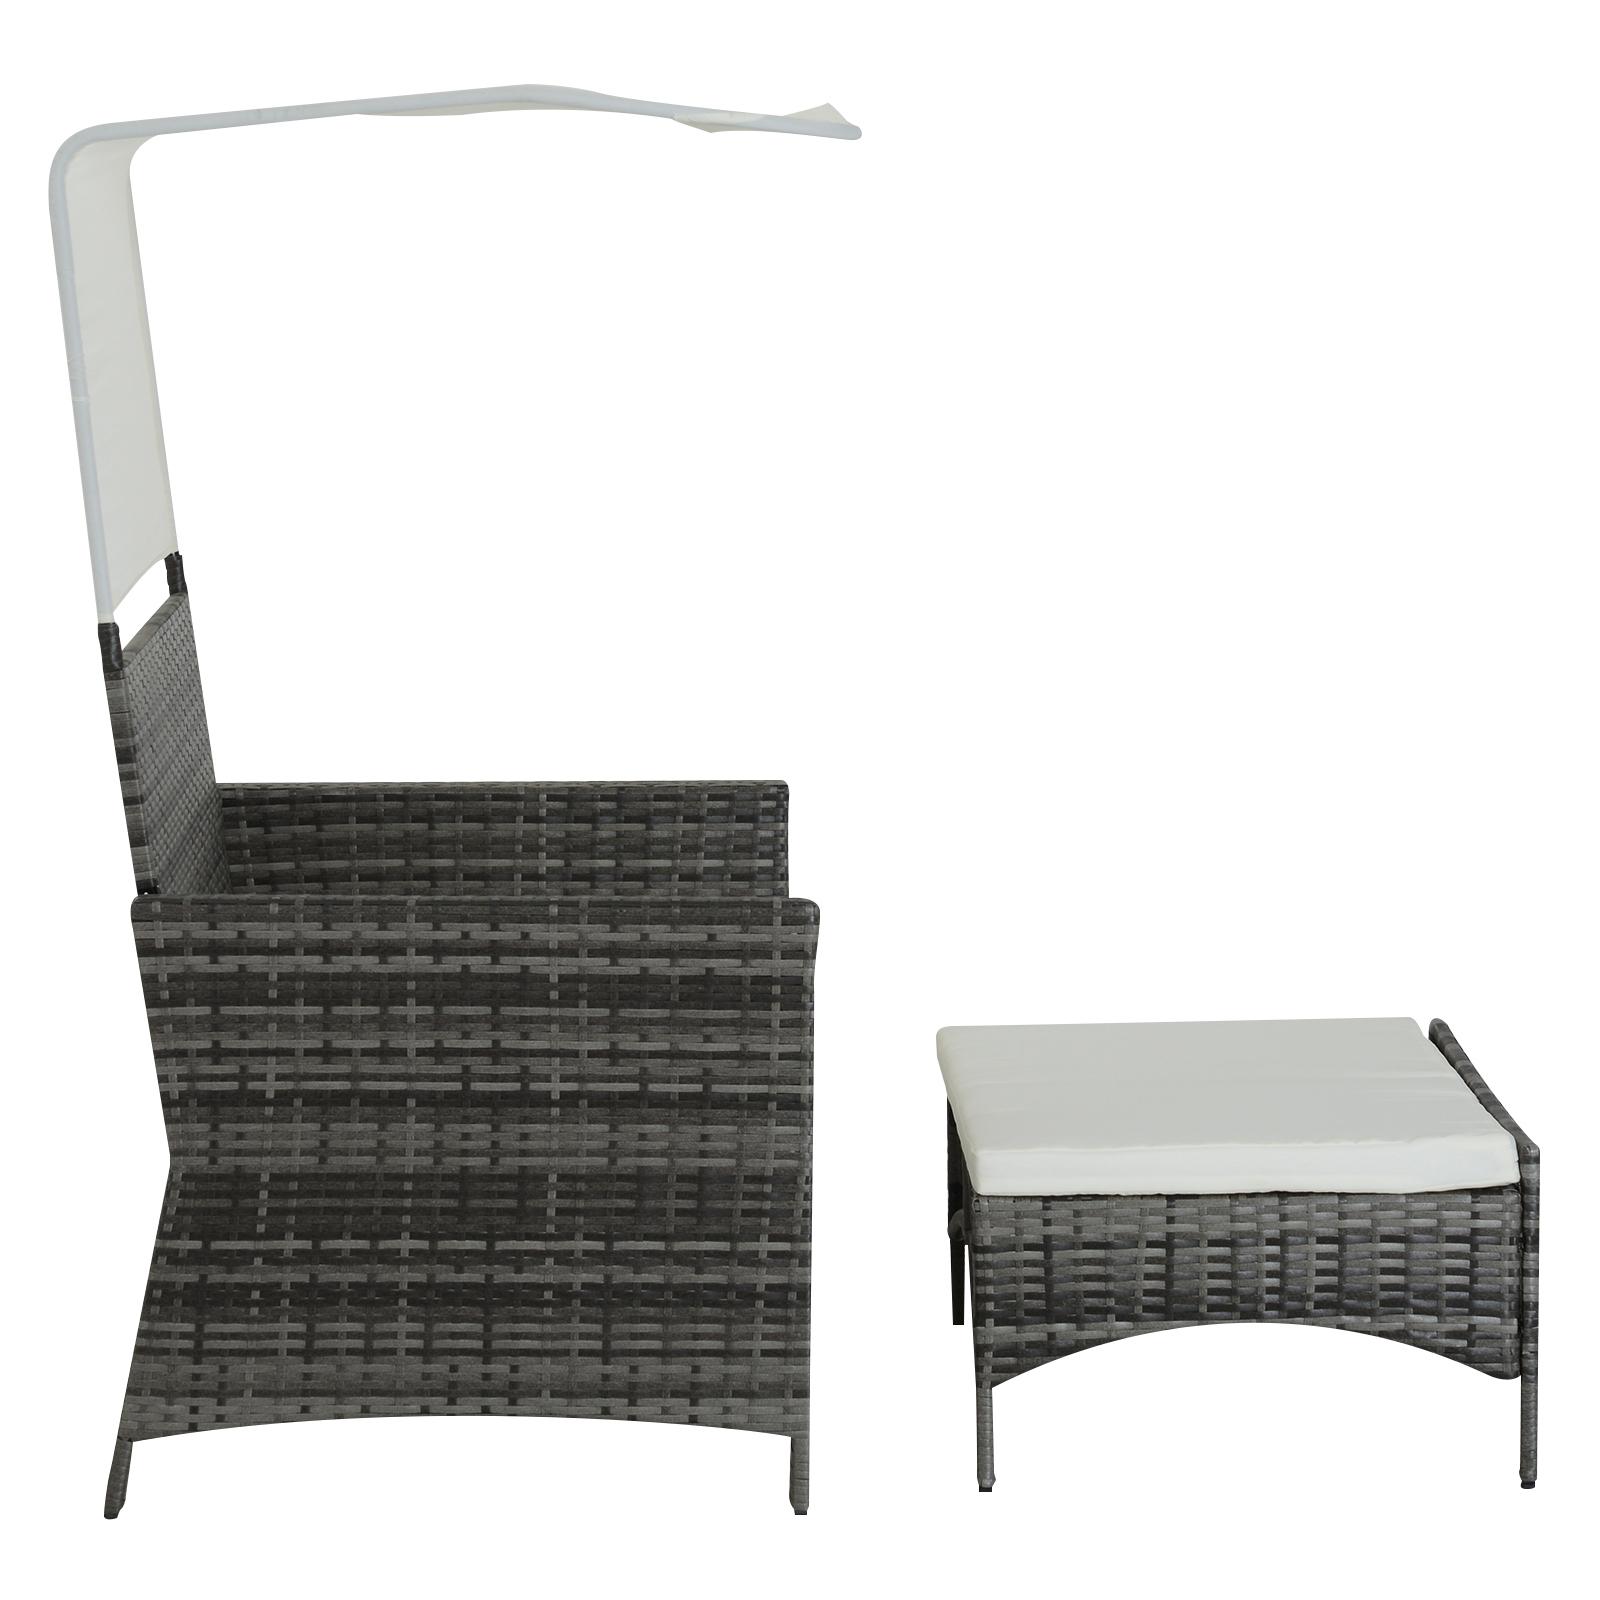 Sofa-de-Ratan-Dos-Plazas-Sillon-Mueble-Jardin-Terraza-con-Reposapies-Toldo-Cojin miniatura 12